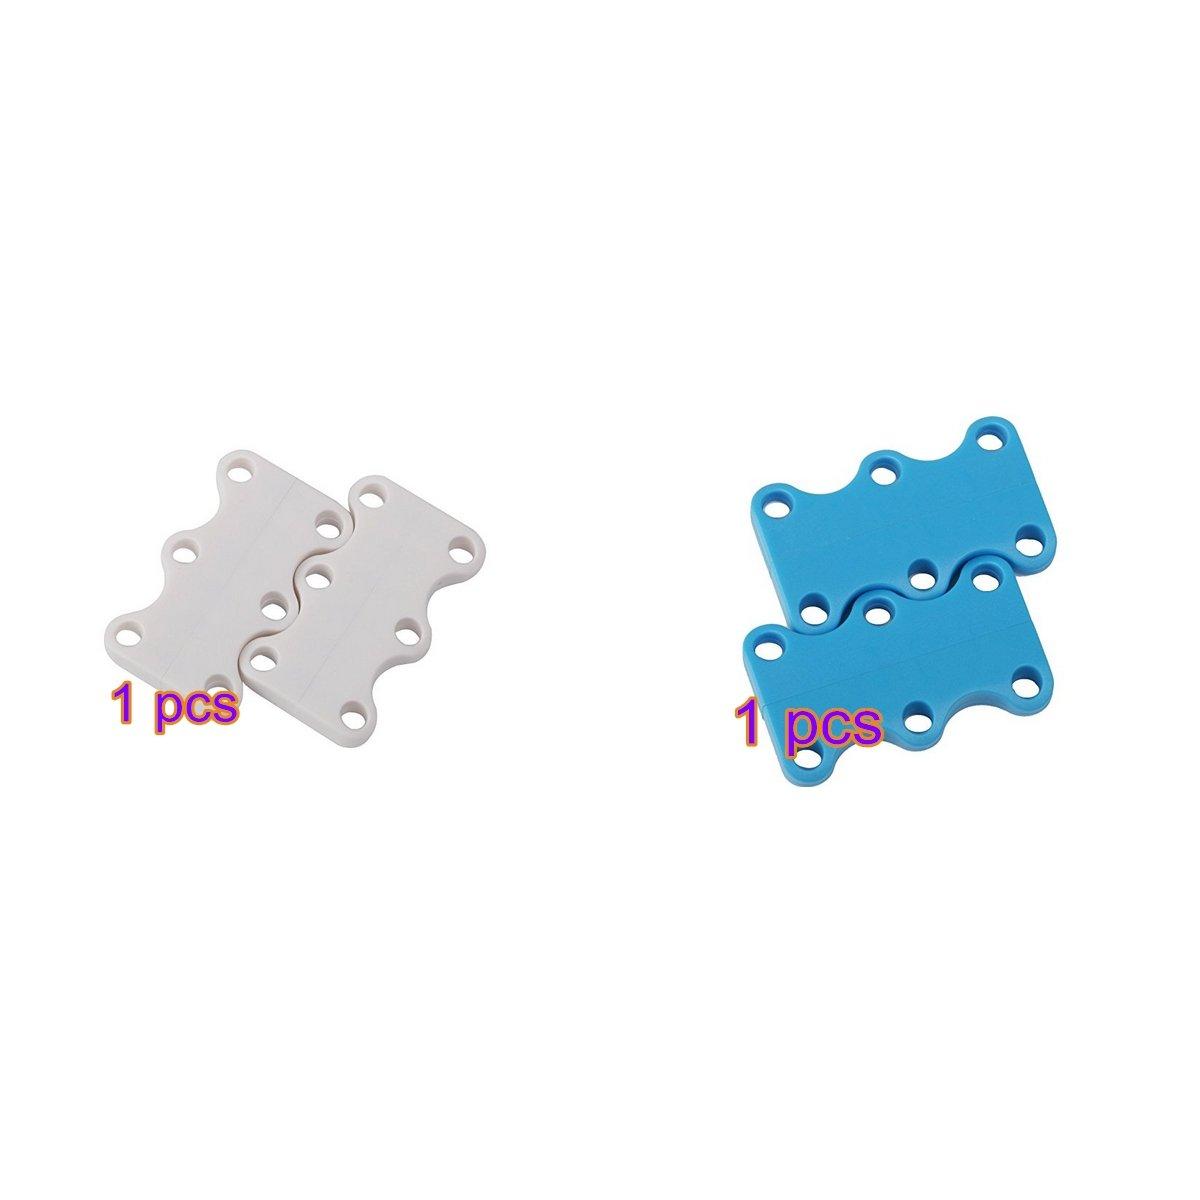 Mio.oo Magnetische Schuhverschlüsse Unisex Schnüre Nie Wieder Binden (Blau und Weiß) * 2